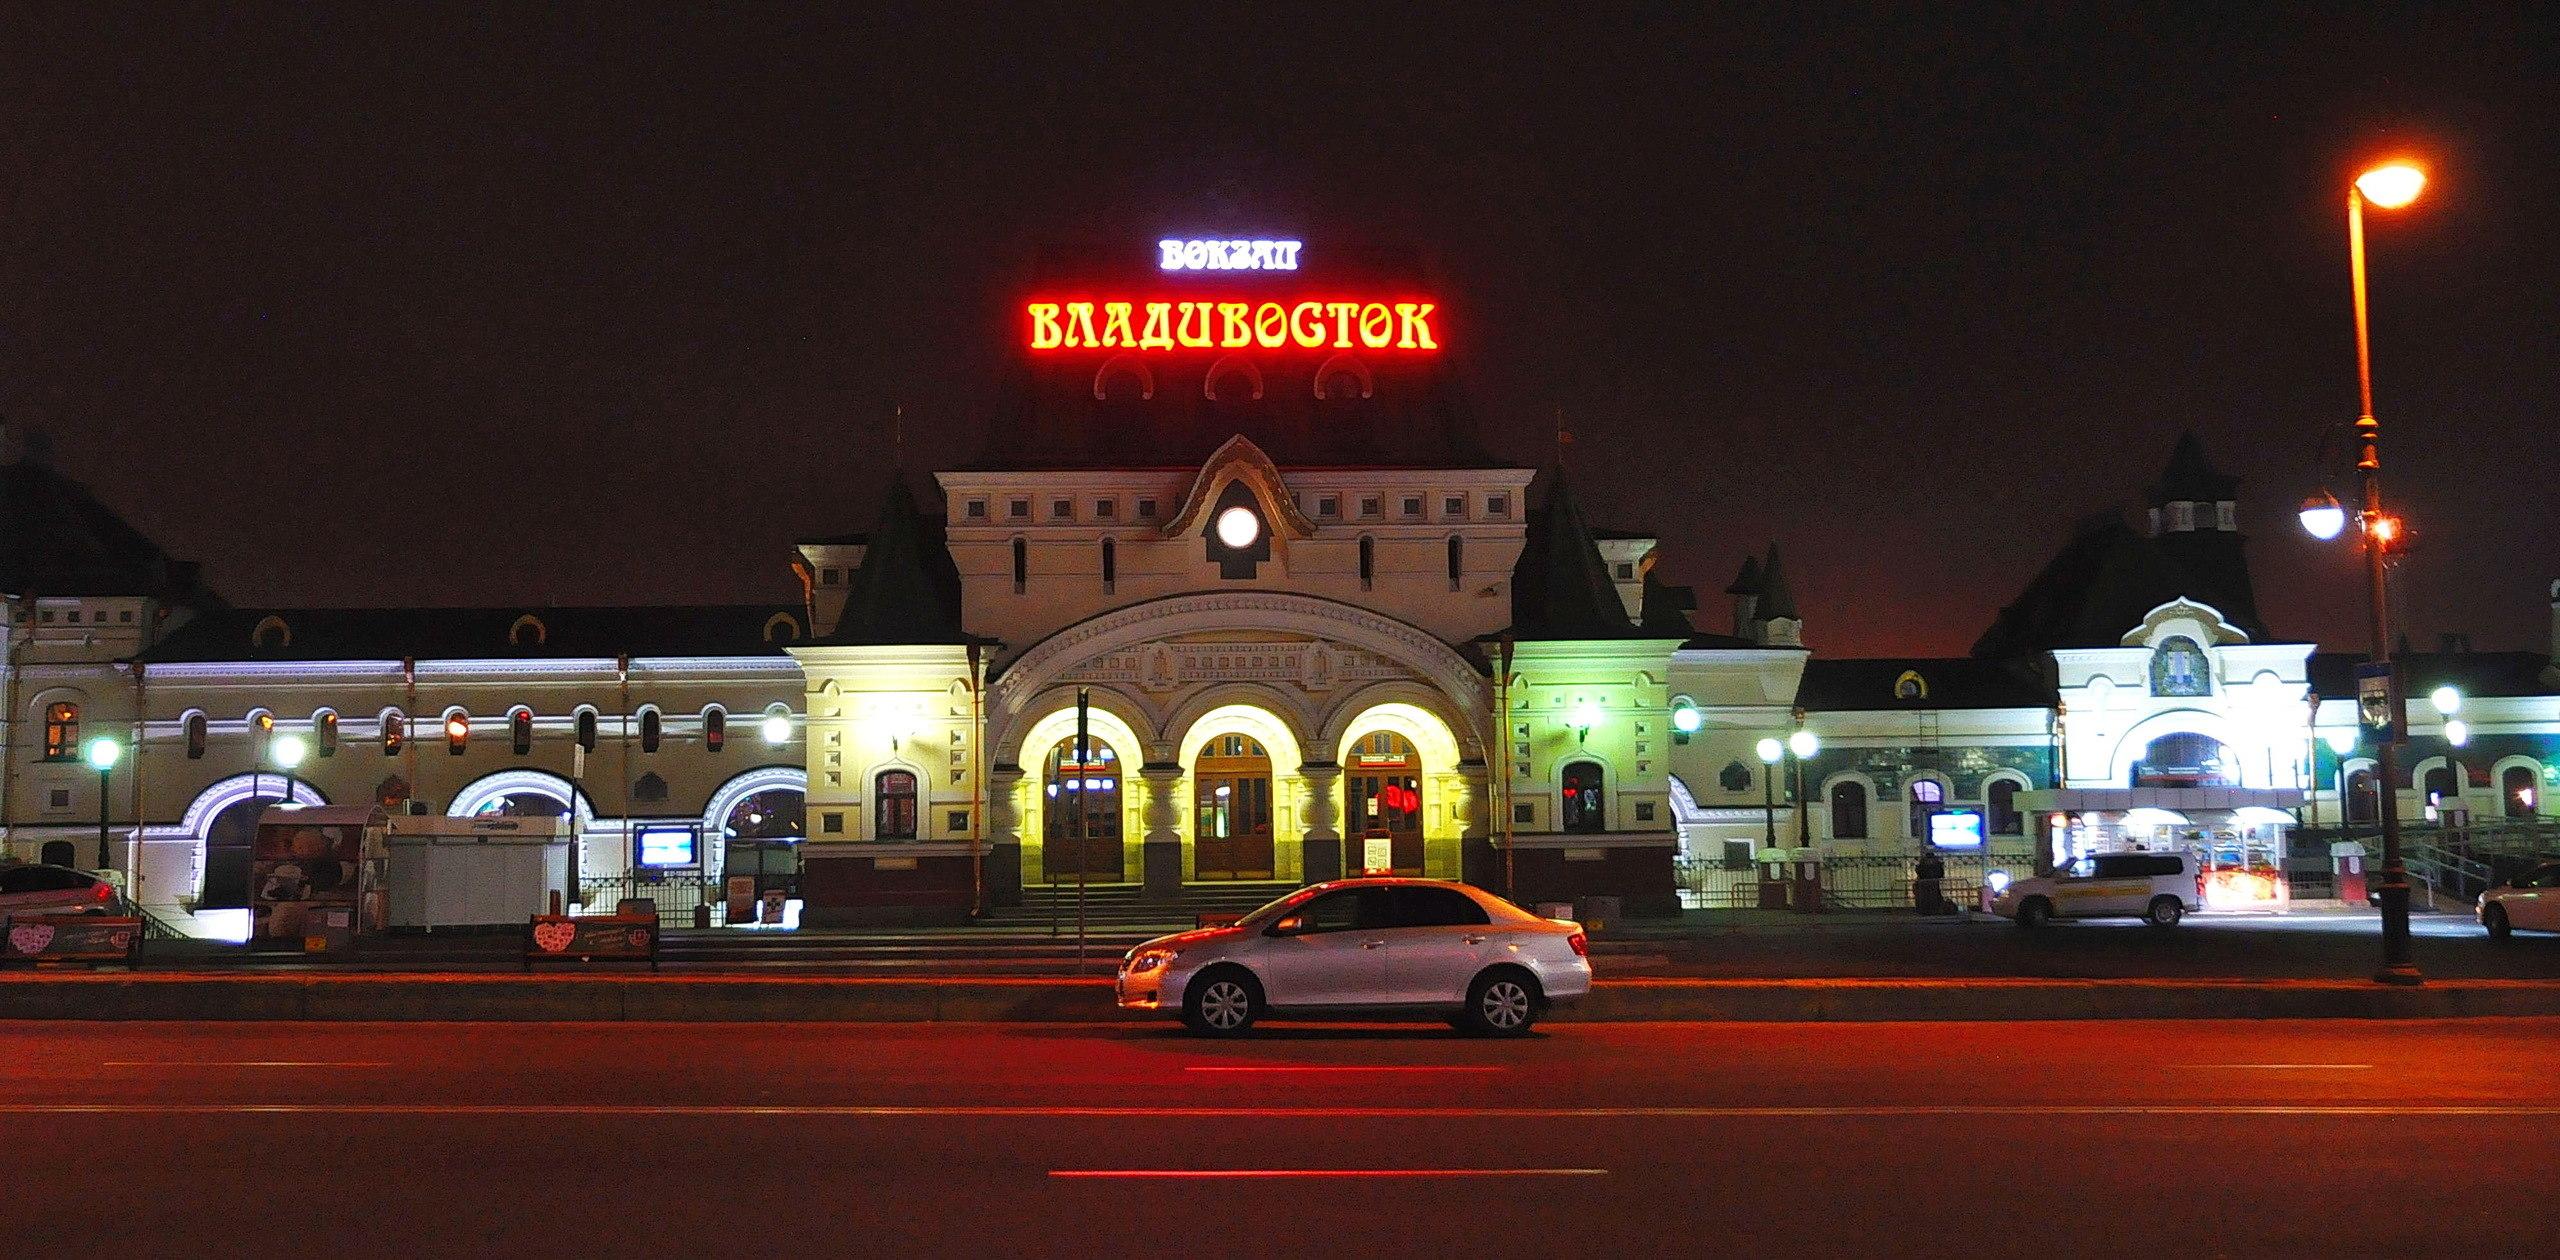 материалы, картинки вокзал владивостока ночью будние дни прием